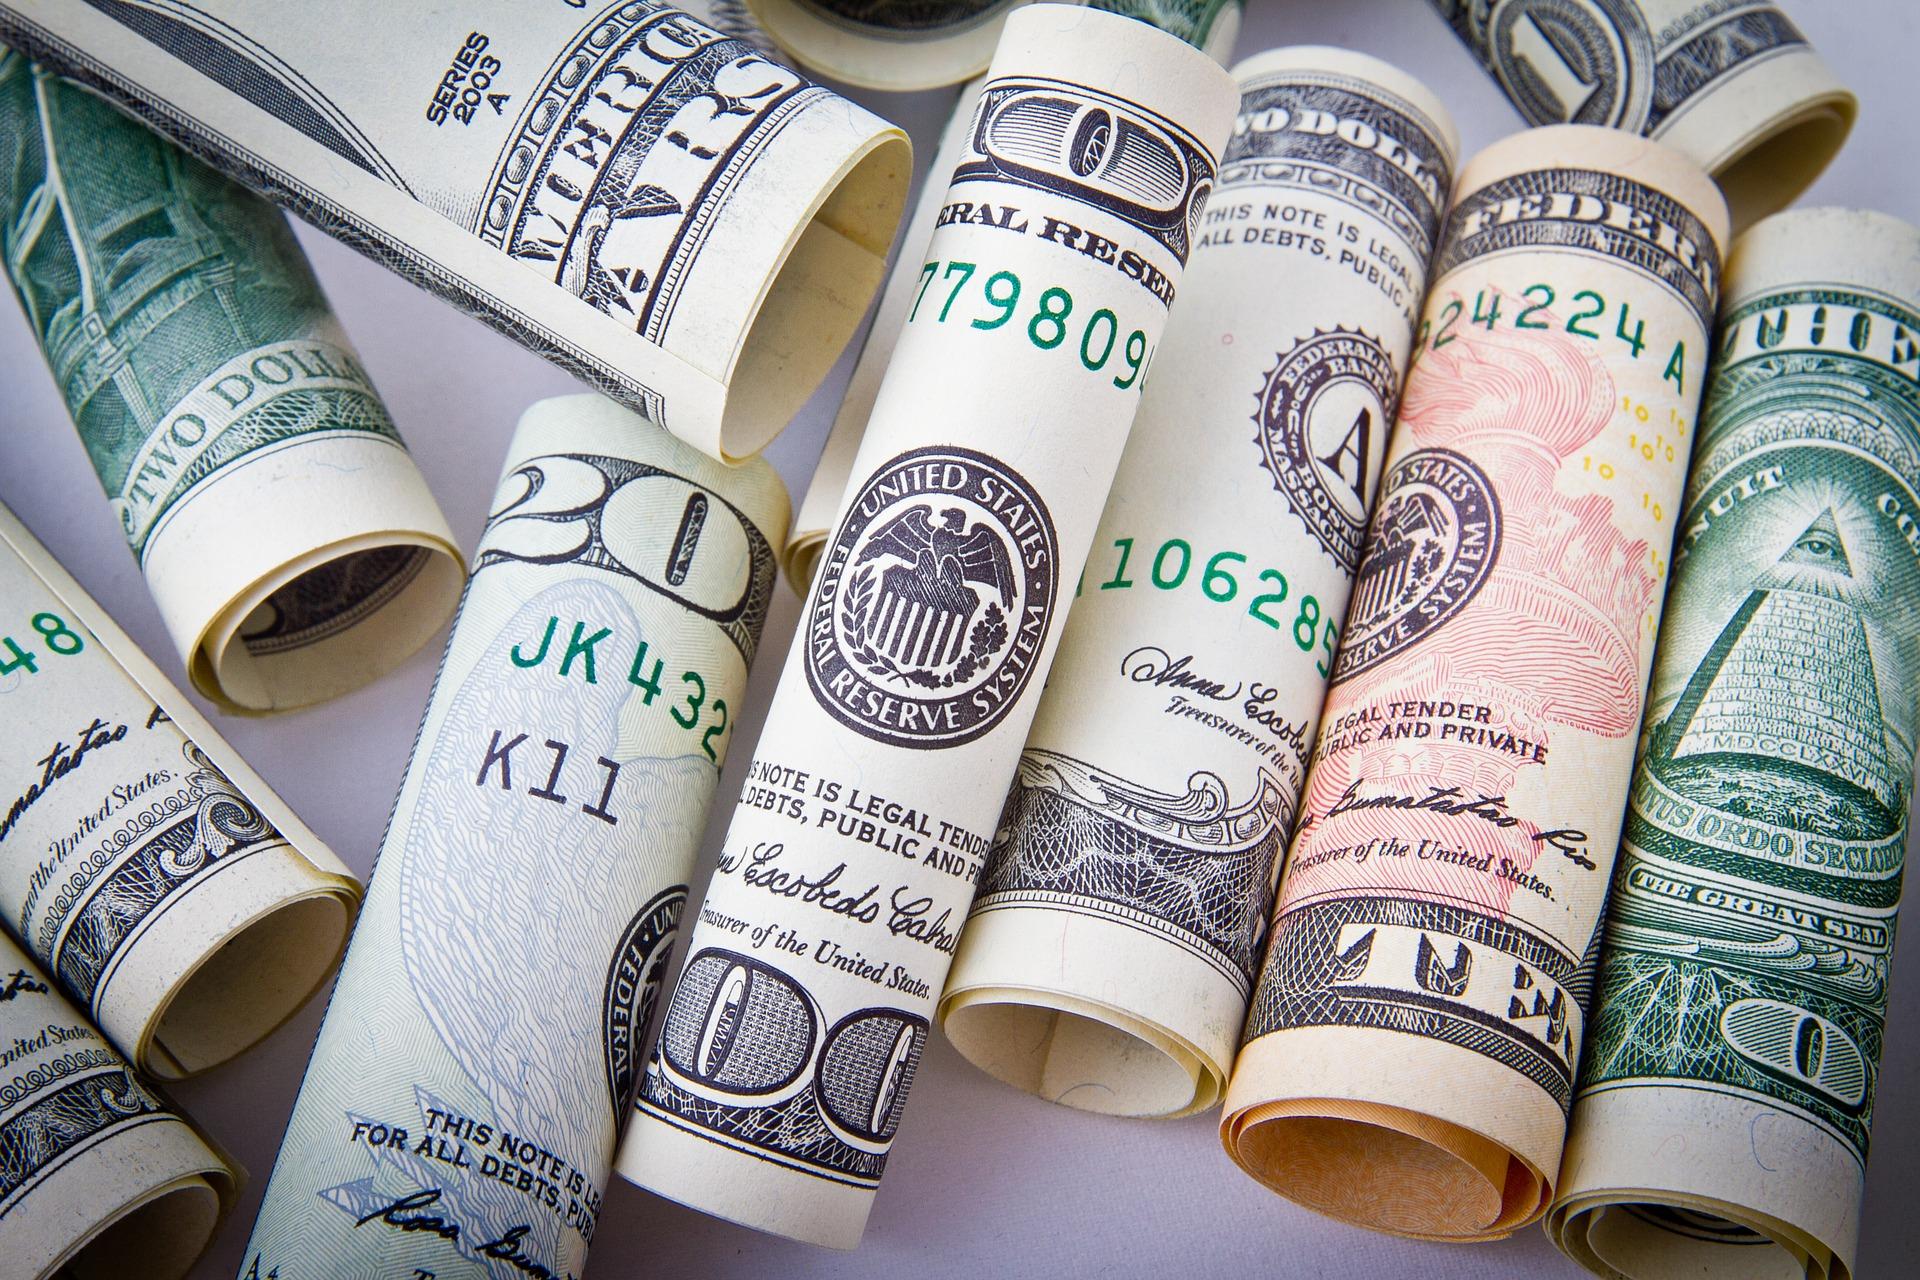 Rolls of dollar bills ranging from one dollar bills to one-hundred dollar bills.